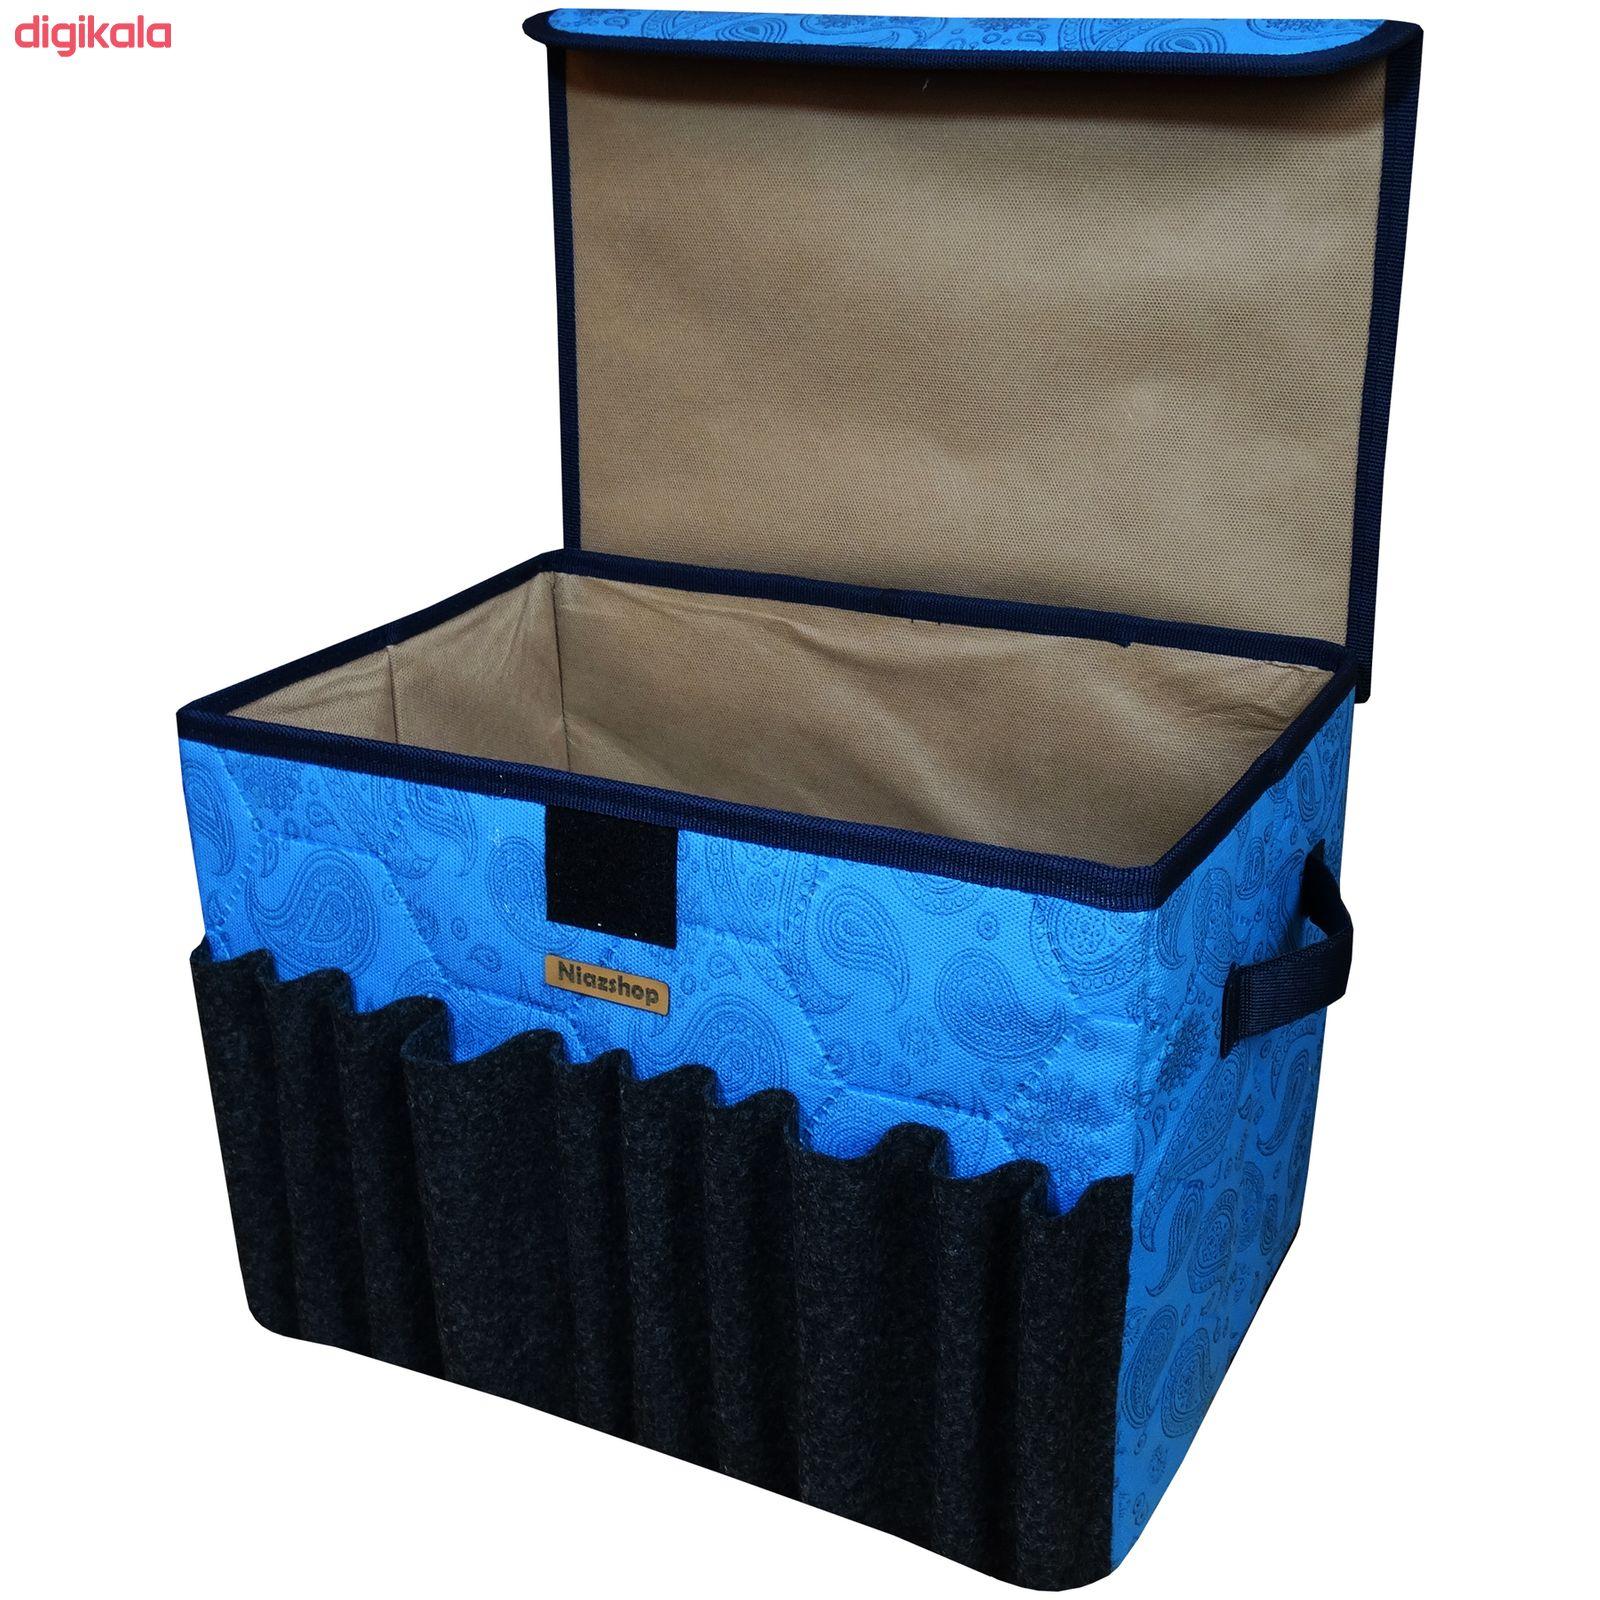 جعبه نظم دهنده صندوق عقب خودرو نیازشاپ مدل NPR891 main 1 3